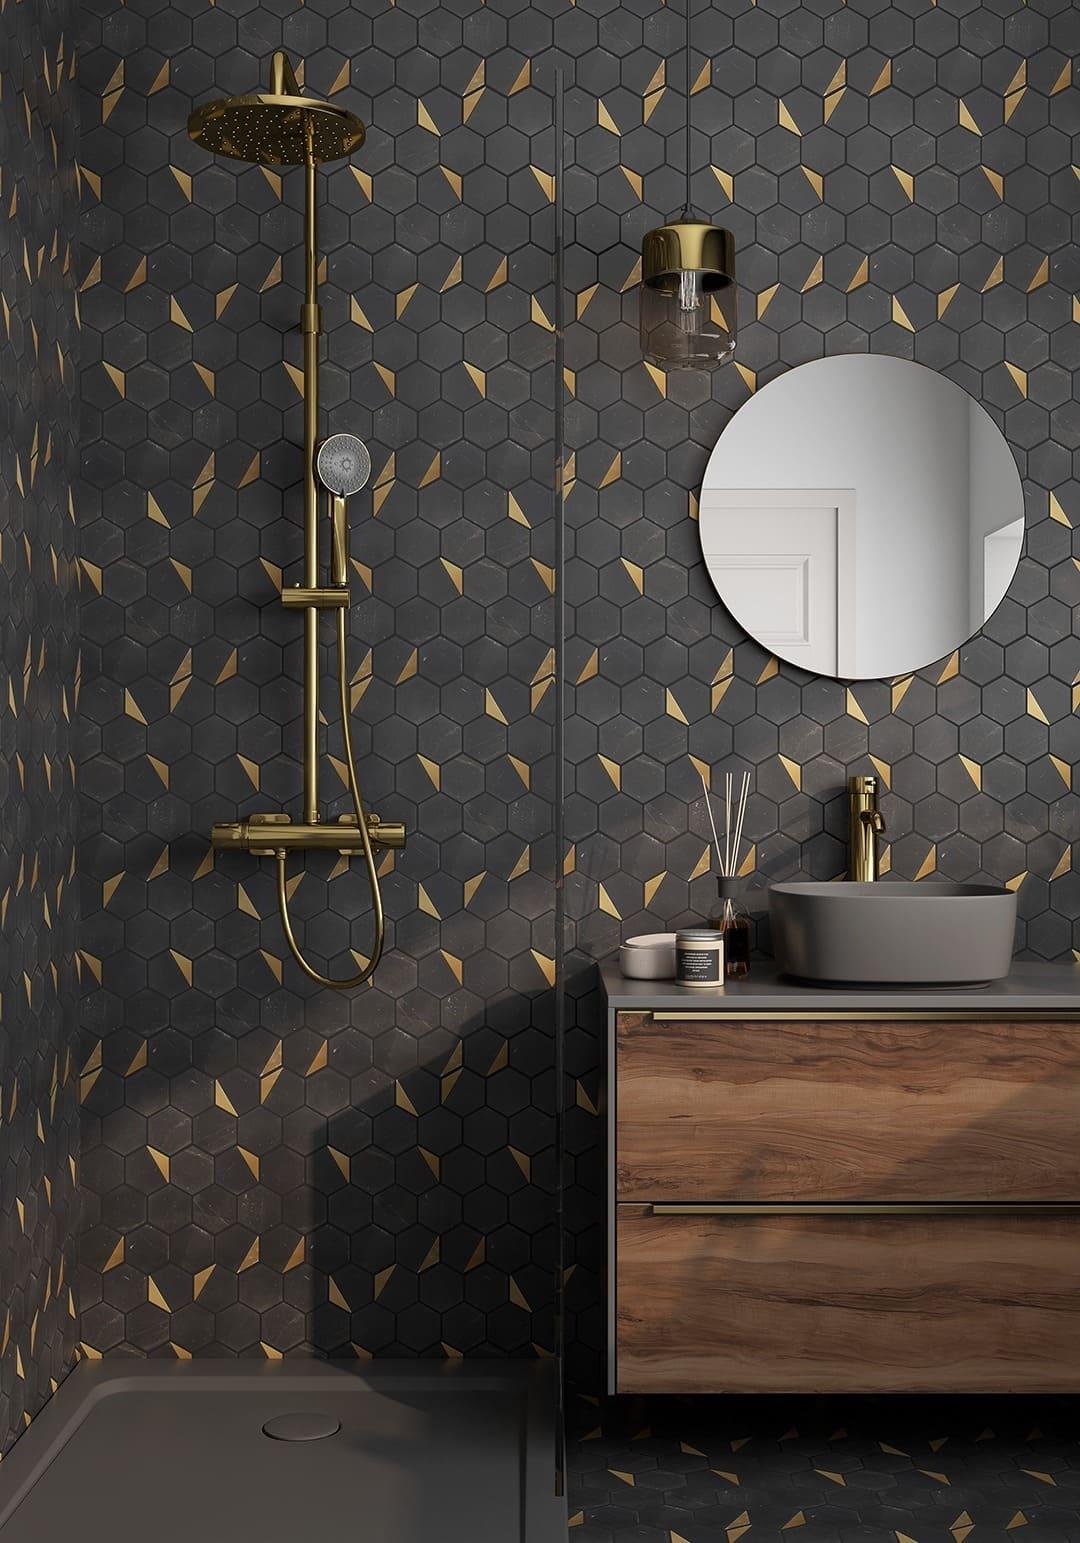 дизайн интерьера ванной комнаты фото 64